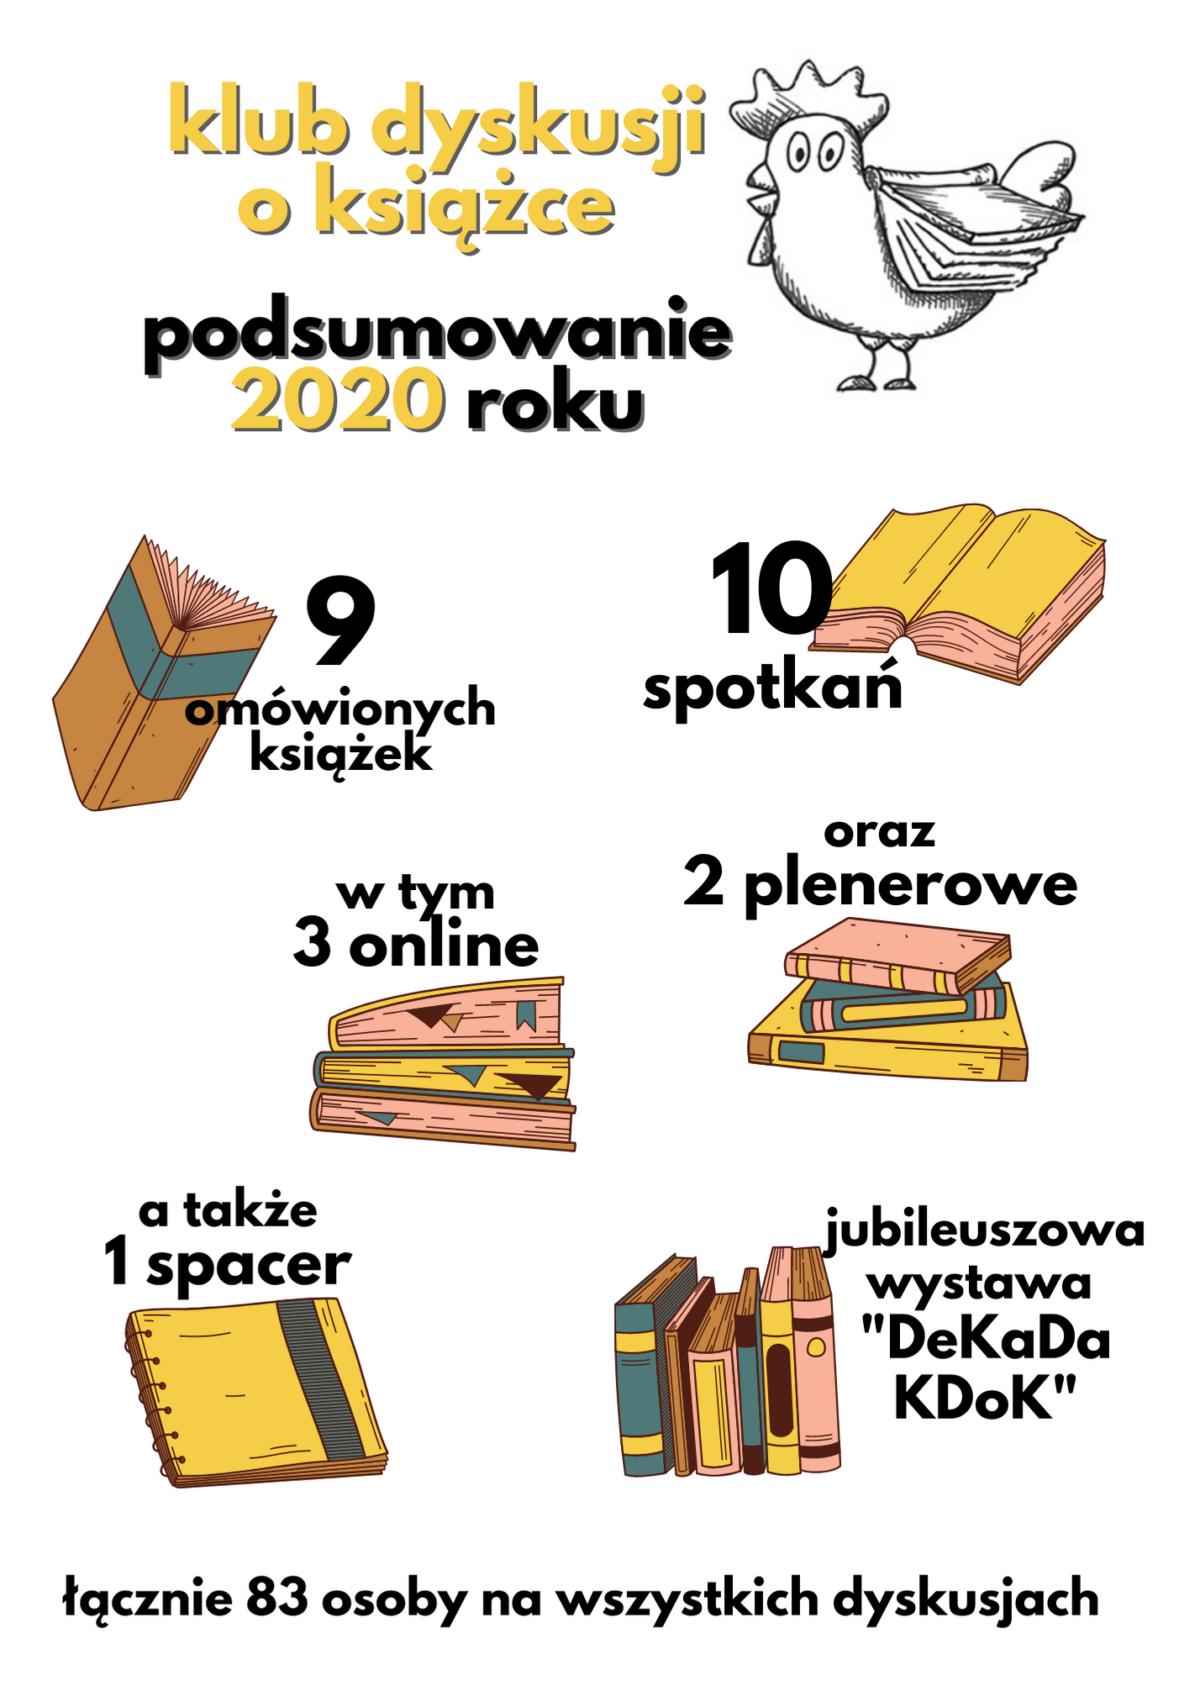 Klub Dyskusji o Książce podsumowuje roku 2020